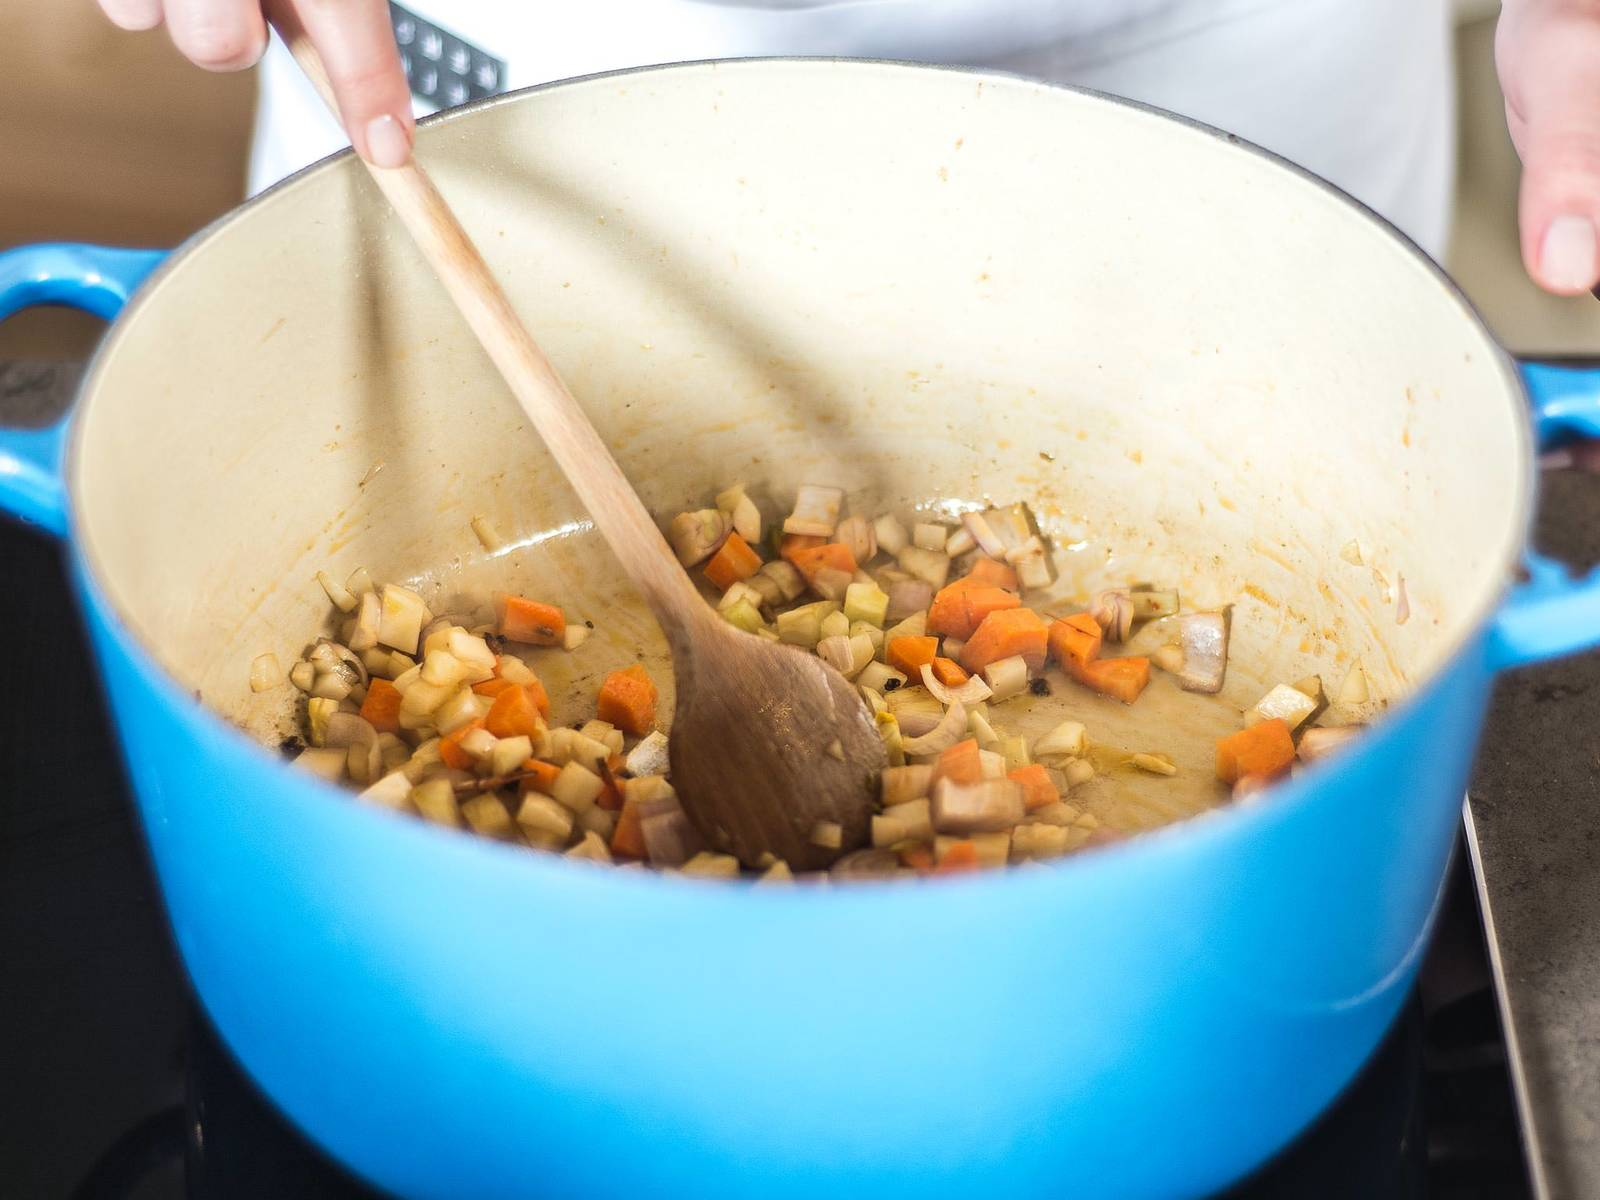 在同一锅中,先翻炒切好的蔬菜,如有必要,添加少许橄榄油。